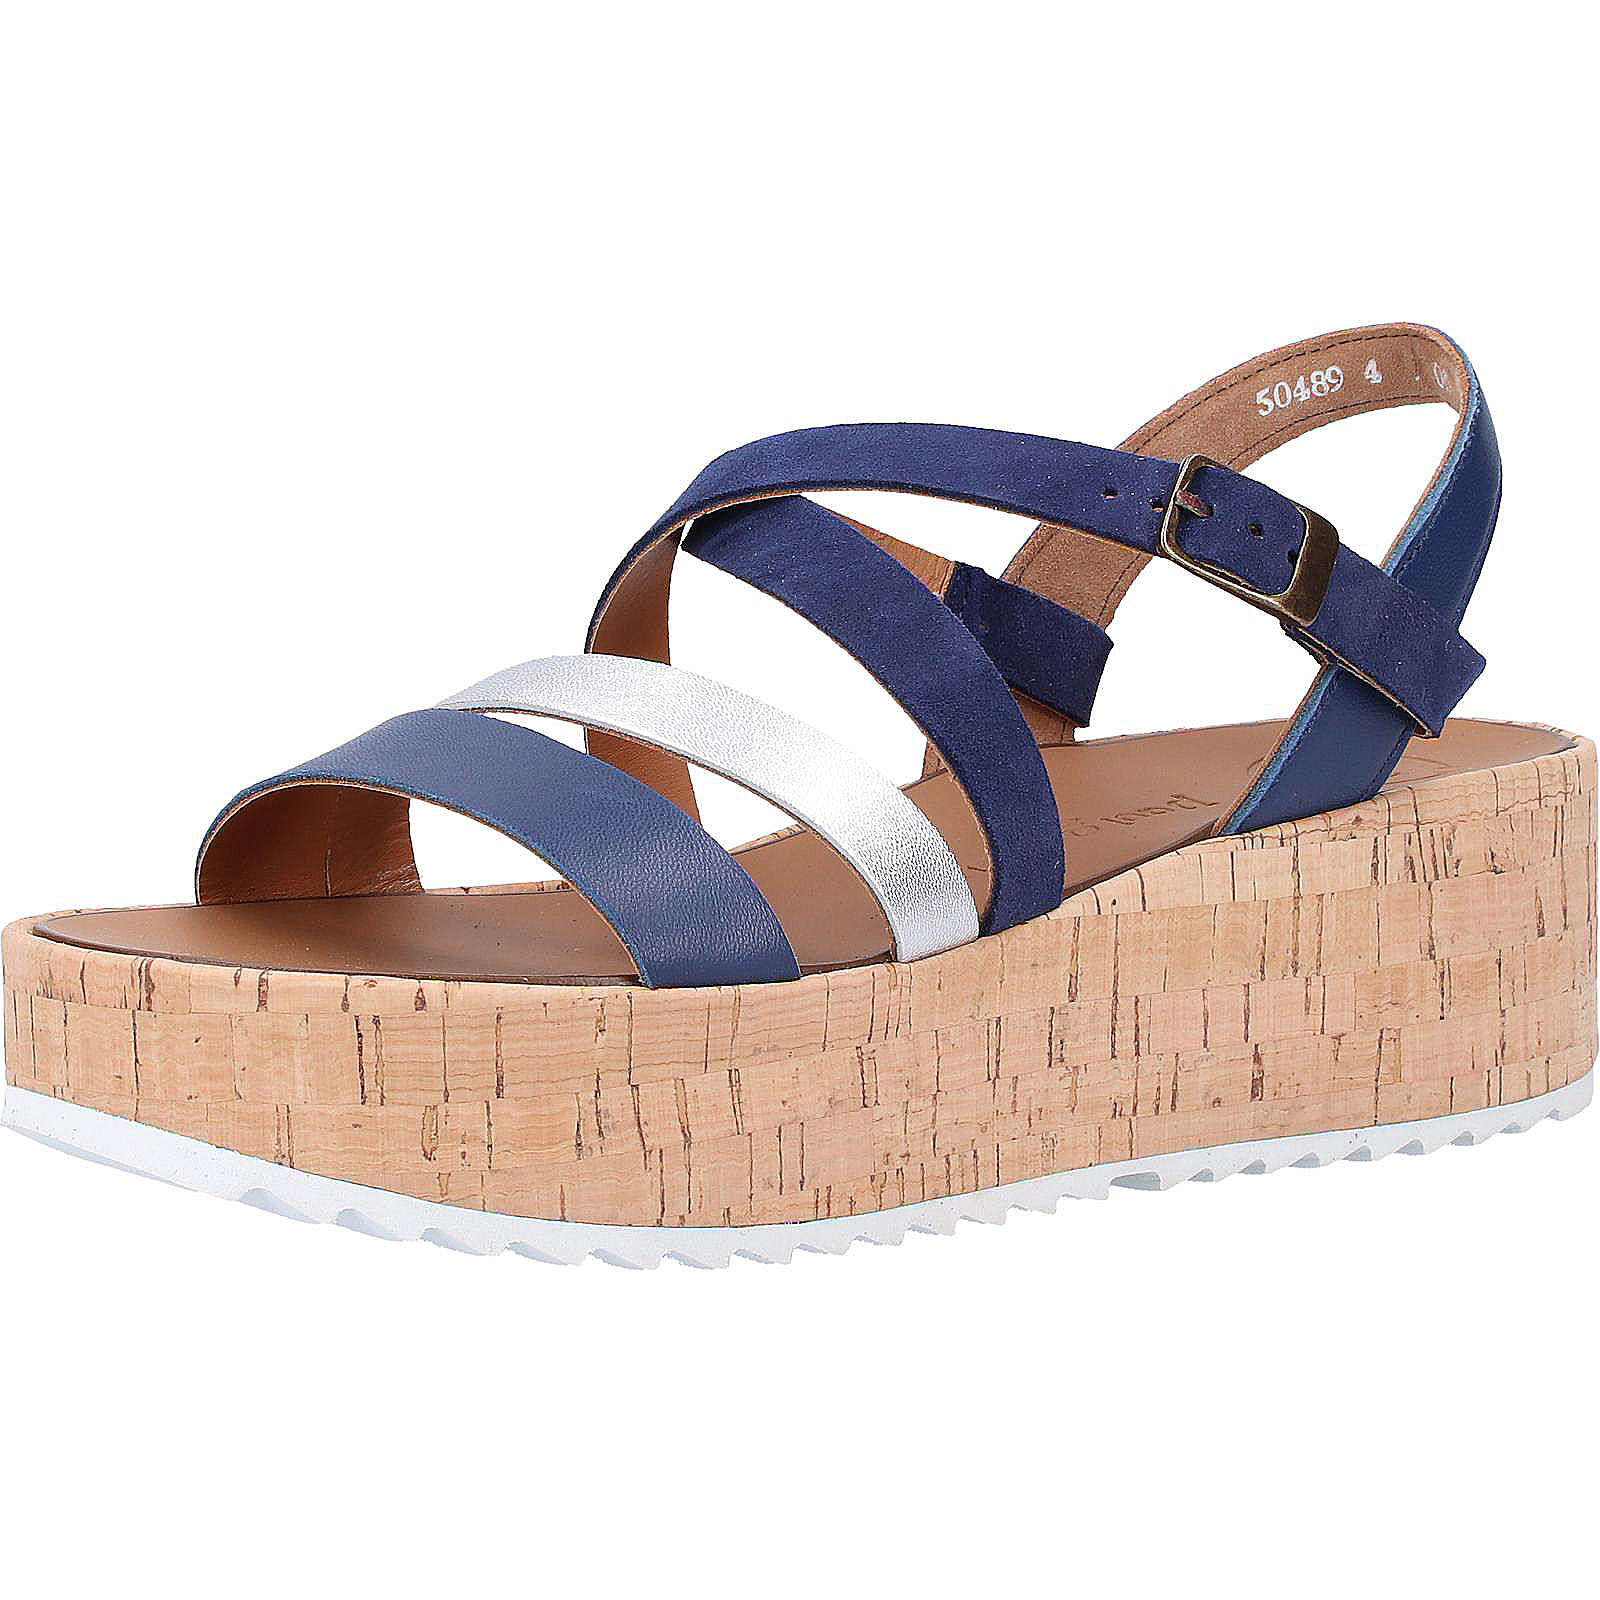 Paul Green Sandalen Klassische Sandaletten blau Damen Gr. 39